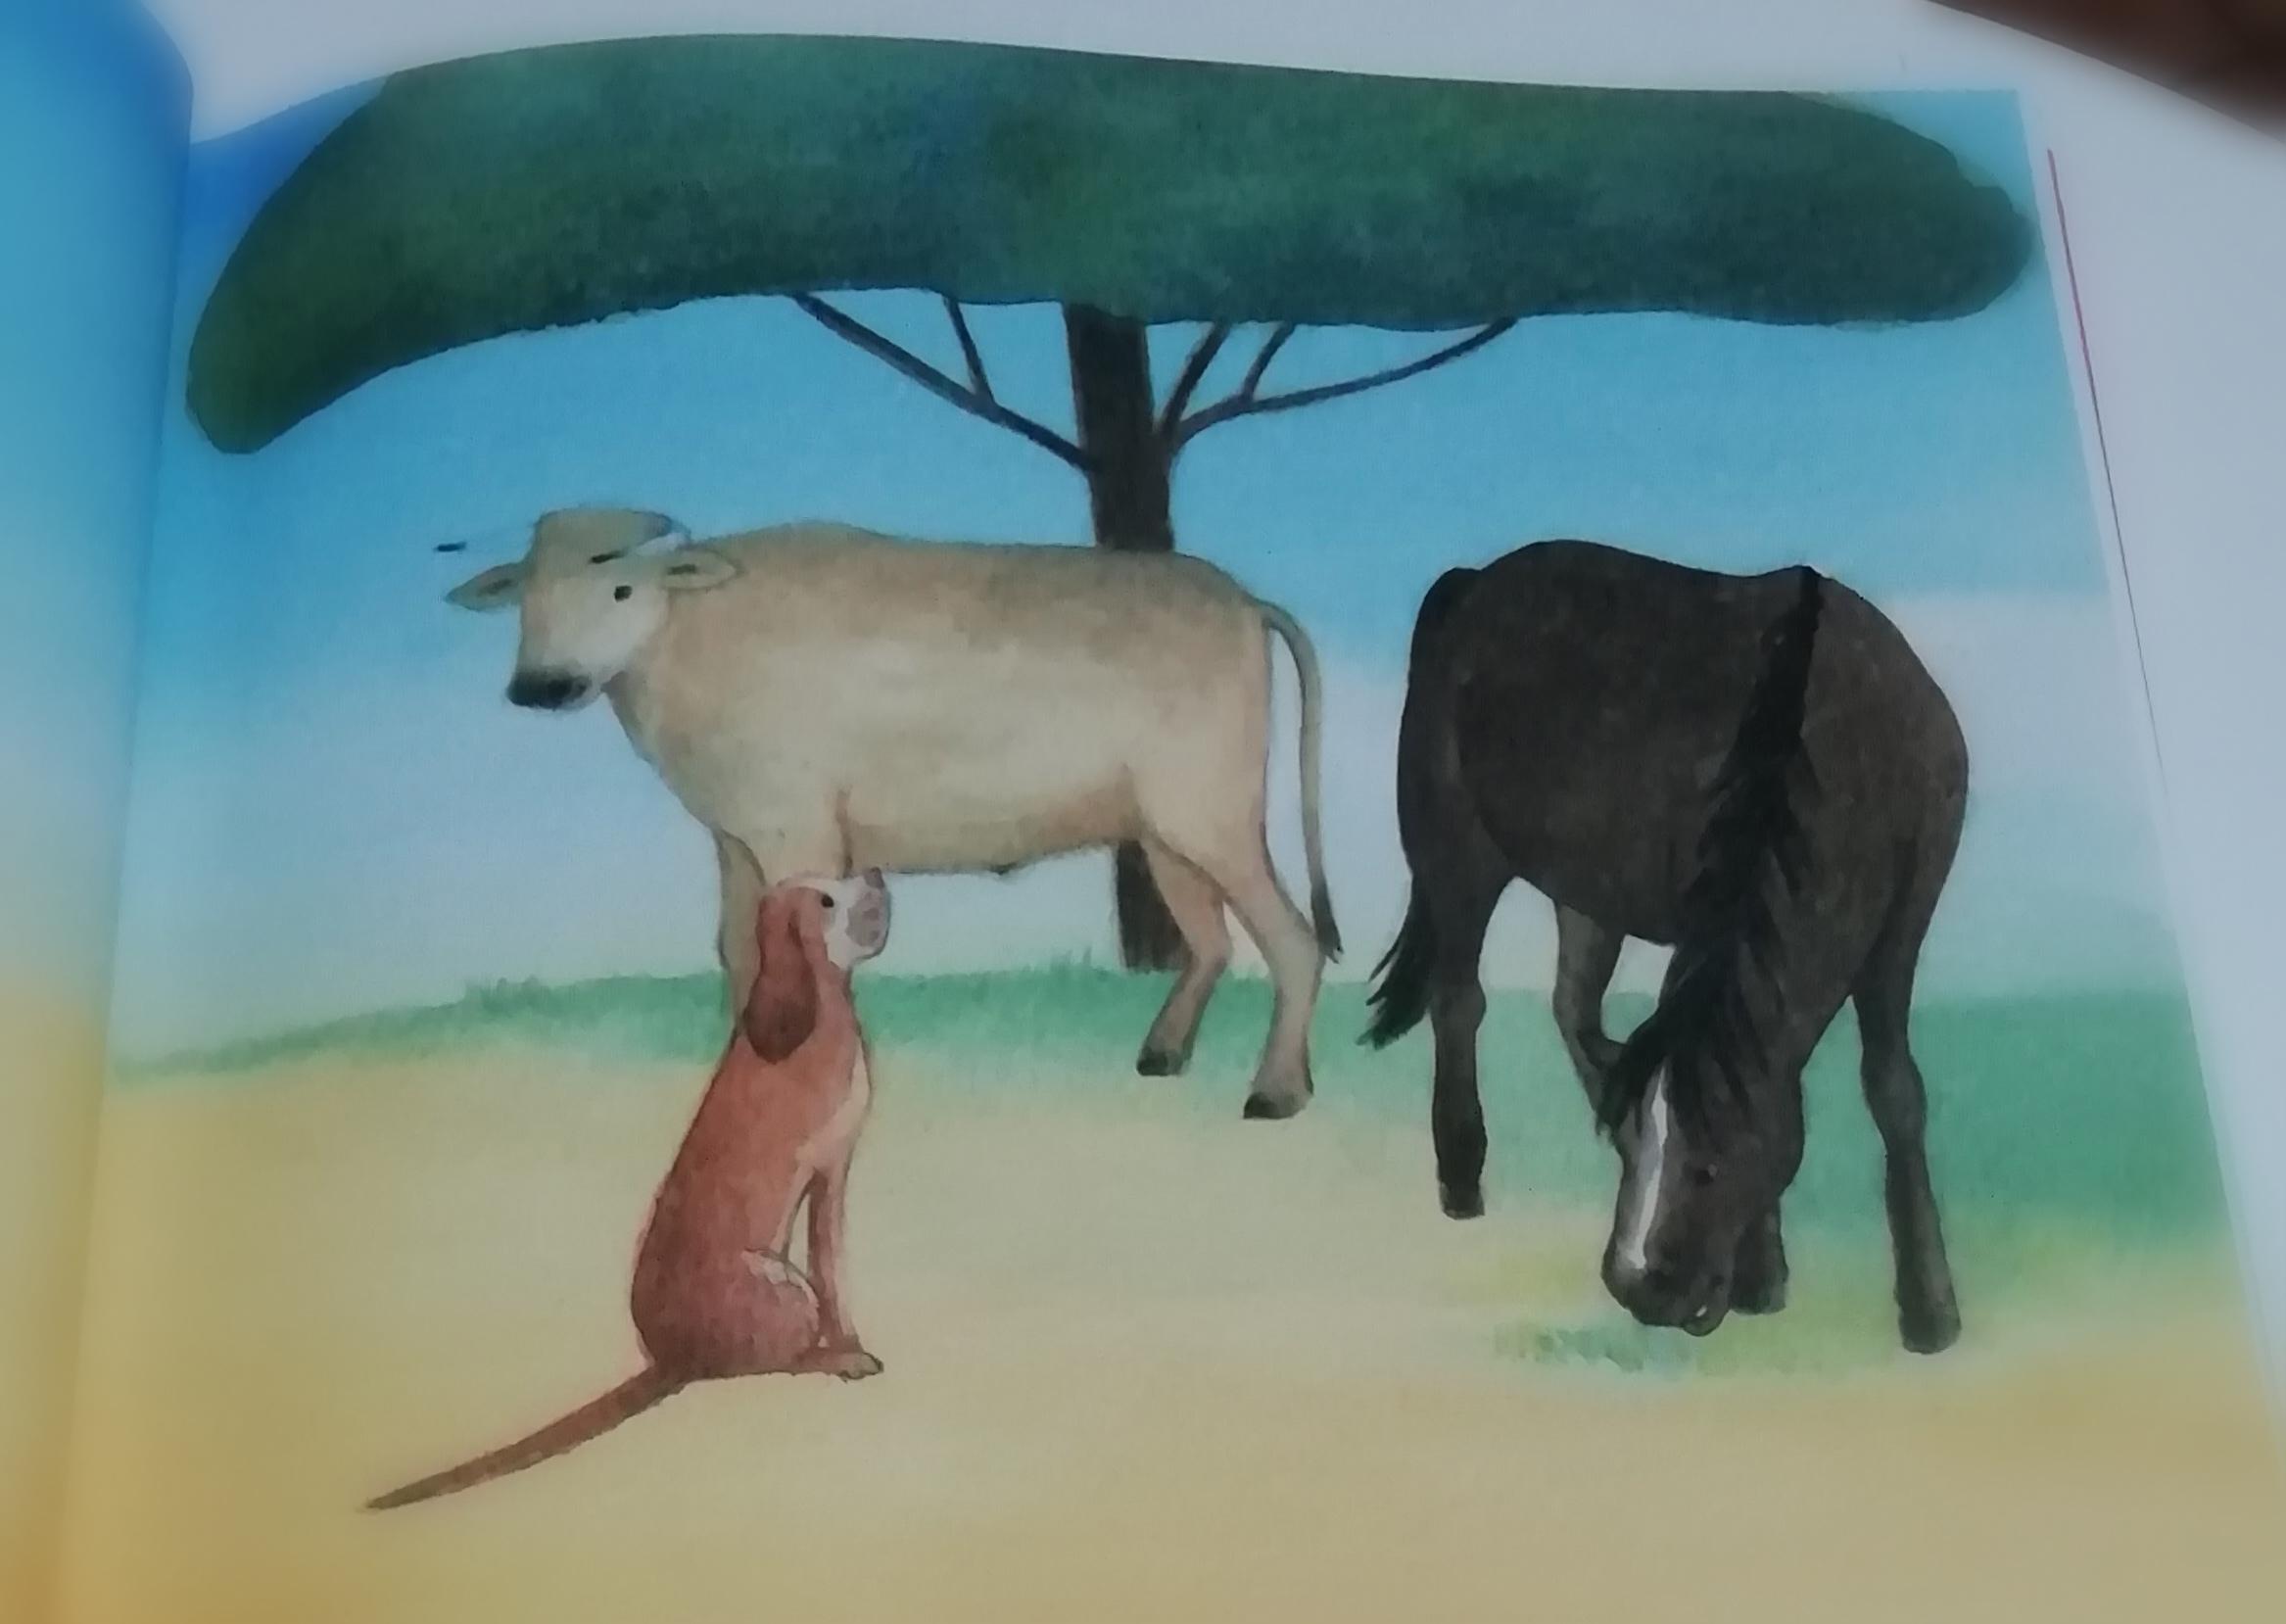 Ai margini del deserto, sotto l'ombra di un'acacia si erano riuniti un cane, un cavallo e un bue. Discutevano ad alta voce ...